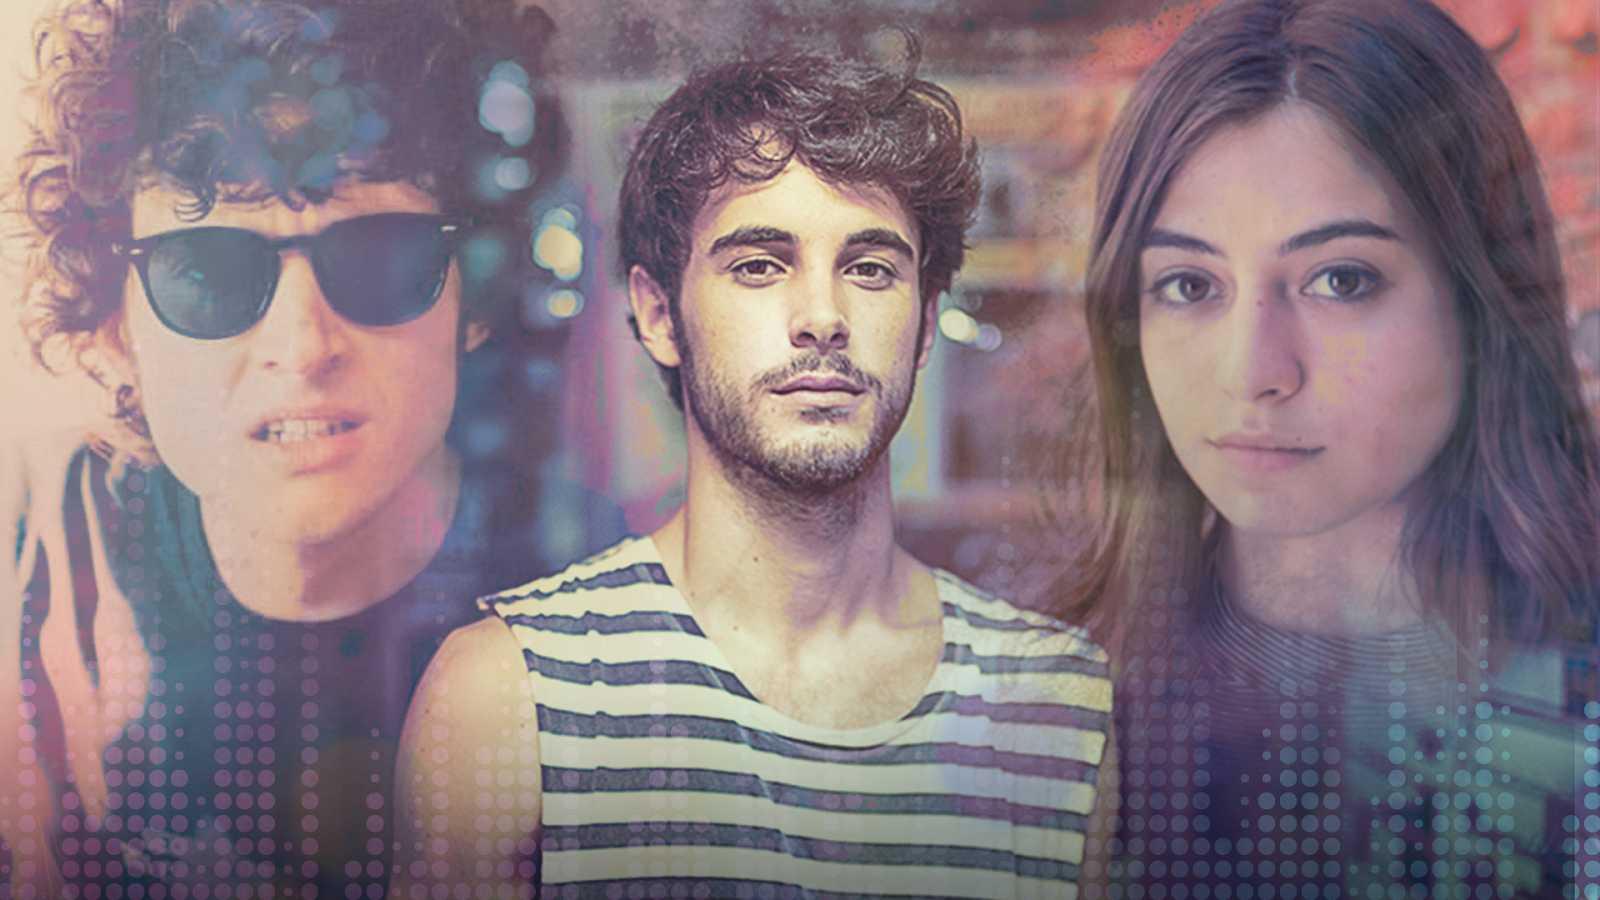 Drama - Conoce a los compositores de la BSO de 'Drama': David Solans, Pau Calero y Paula Jornet